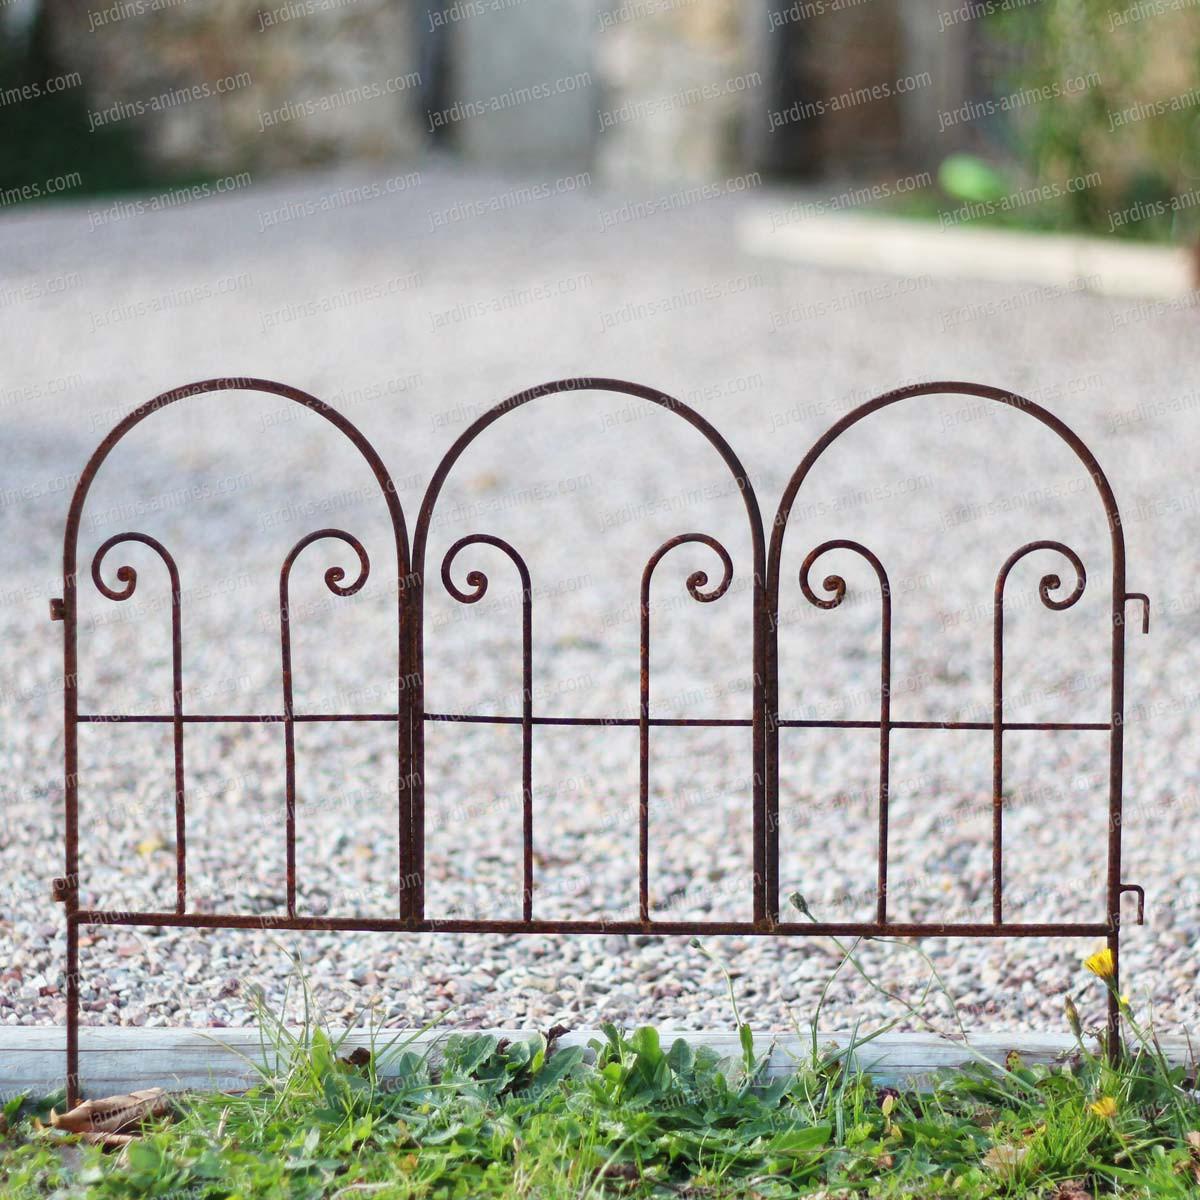 Bordure arceaux en fer brut bordure de jardin - Bordure metallique jardin ...